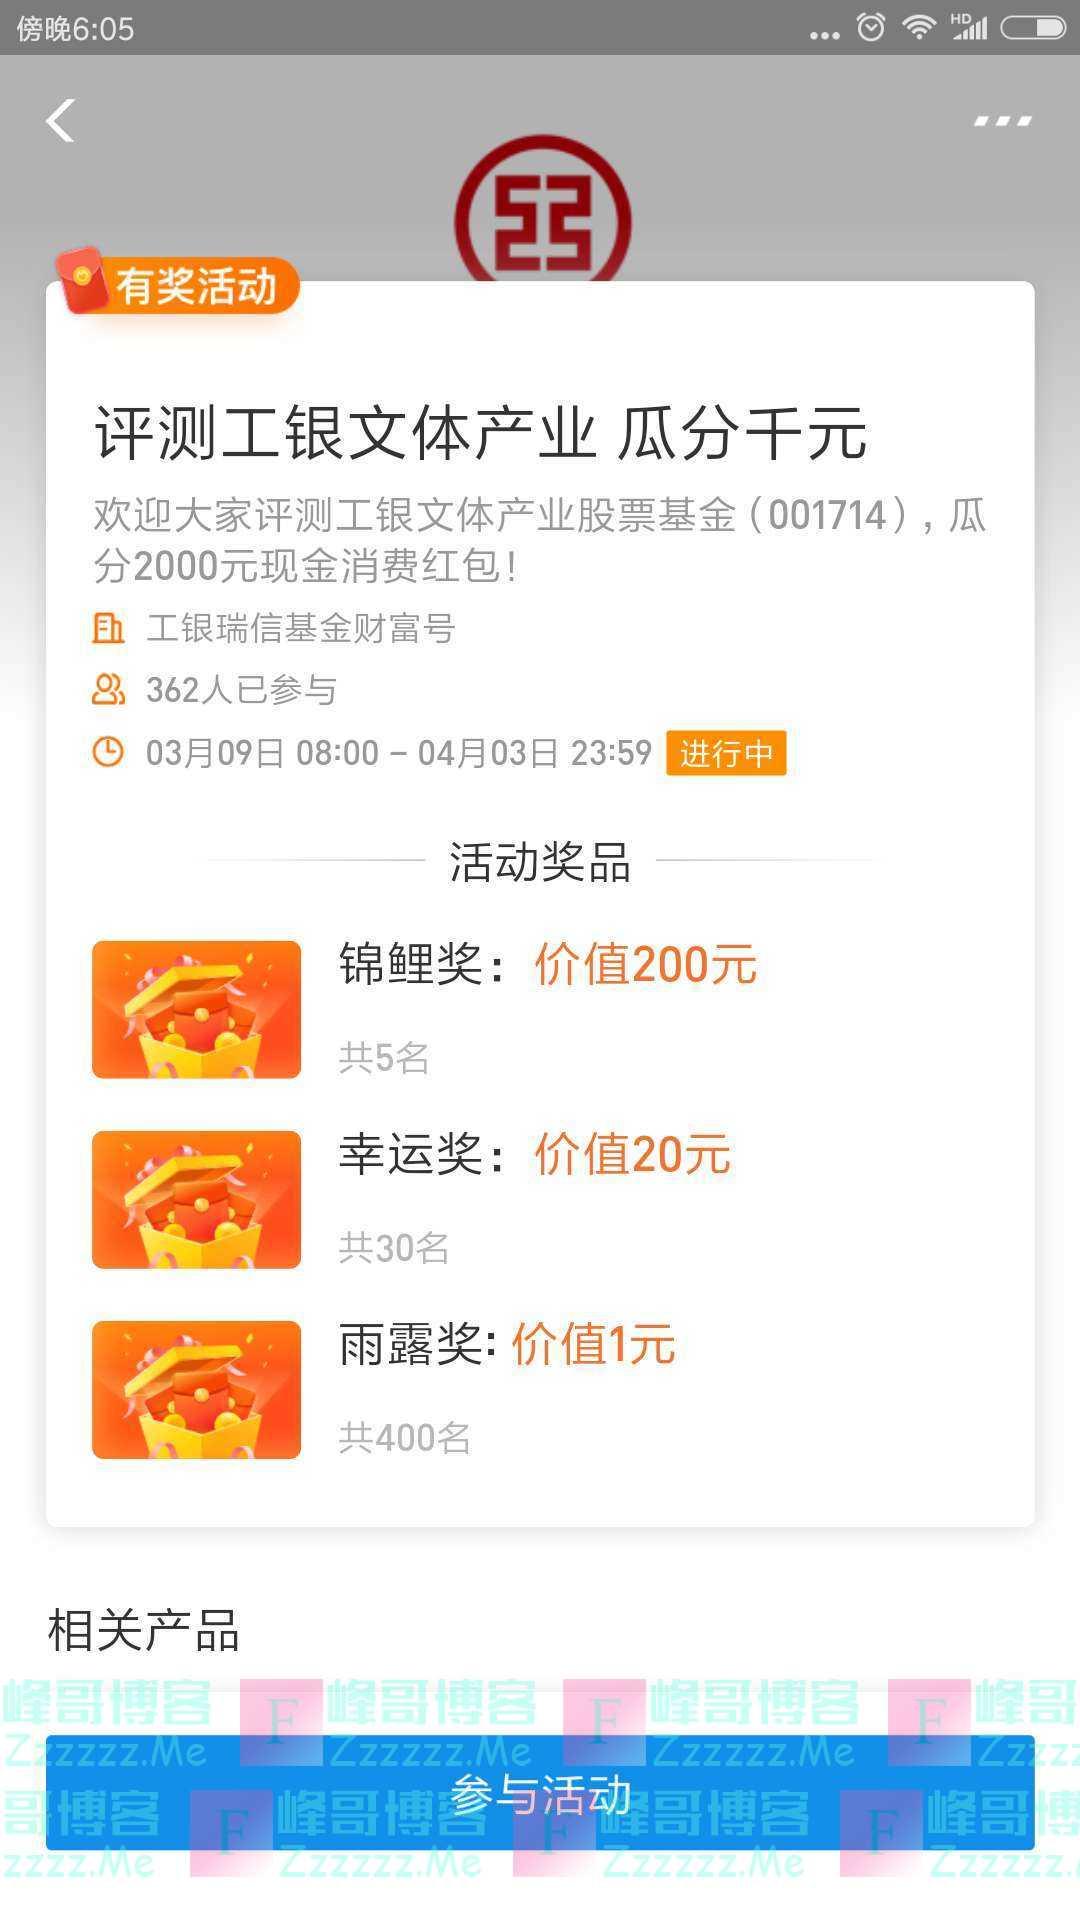 工银瑞信基金评测工银文体产业 瓜分千元(截止4月3日)